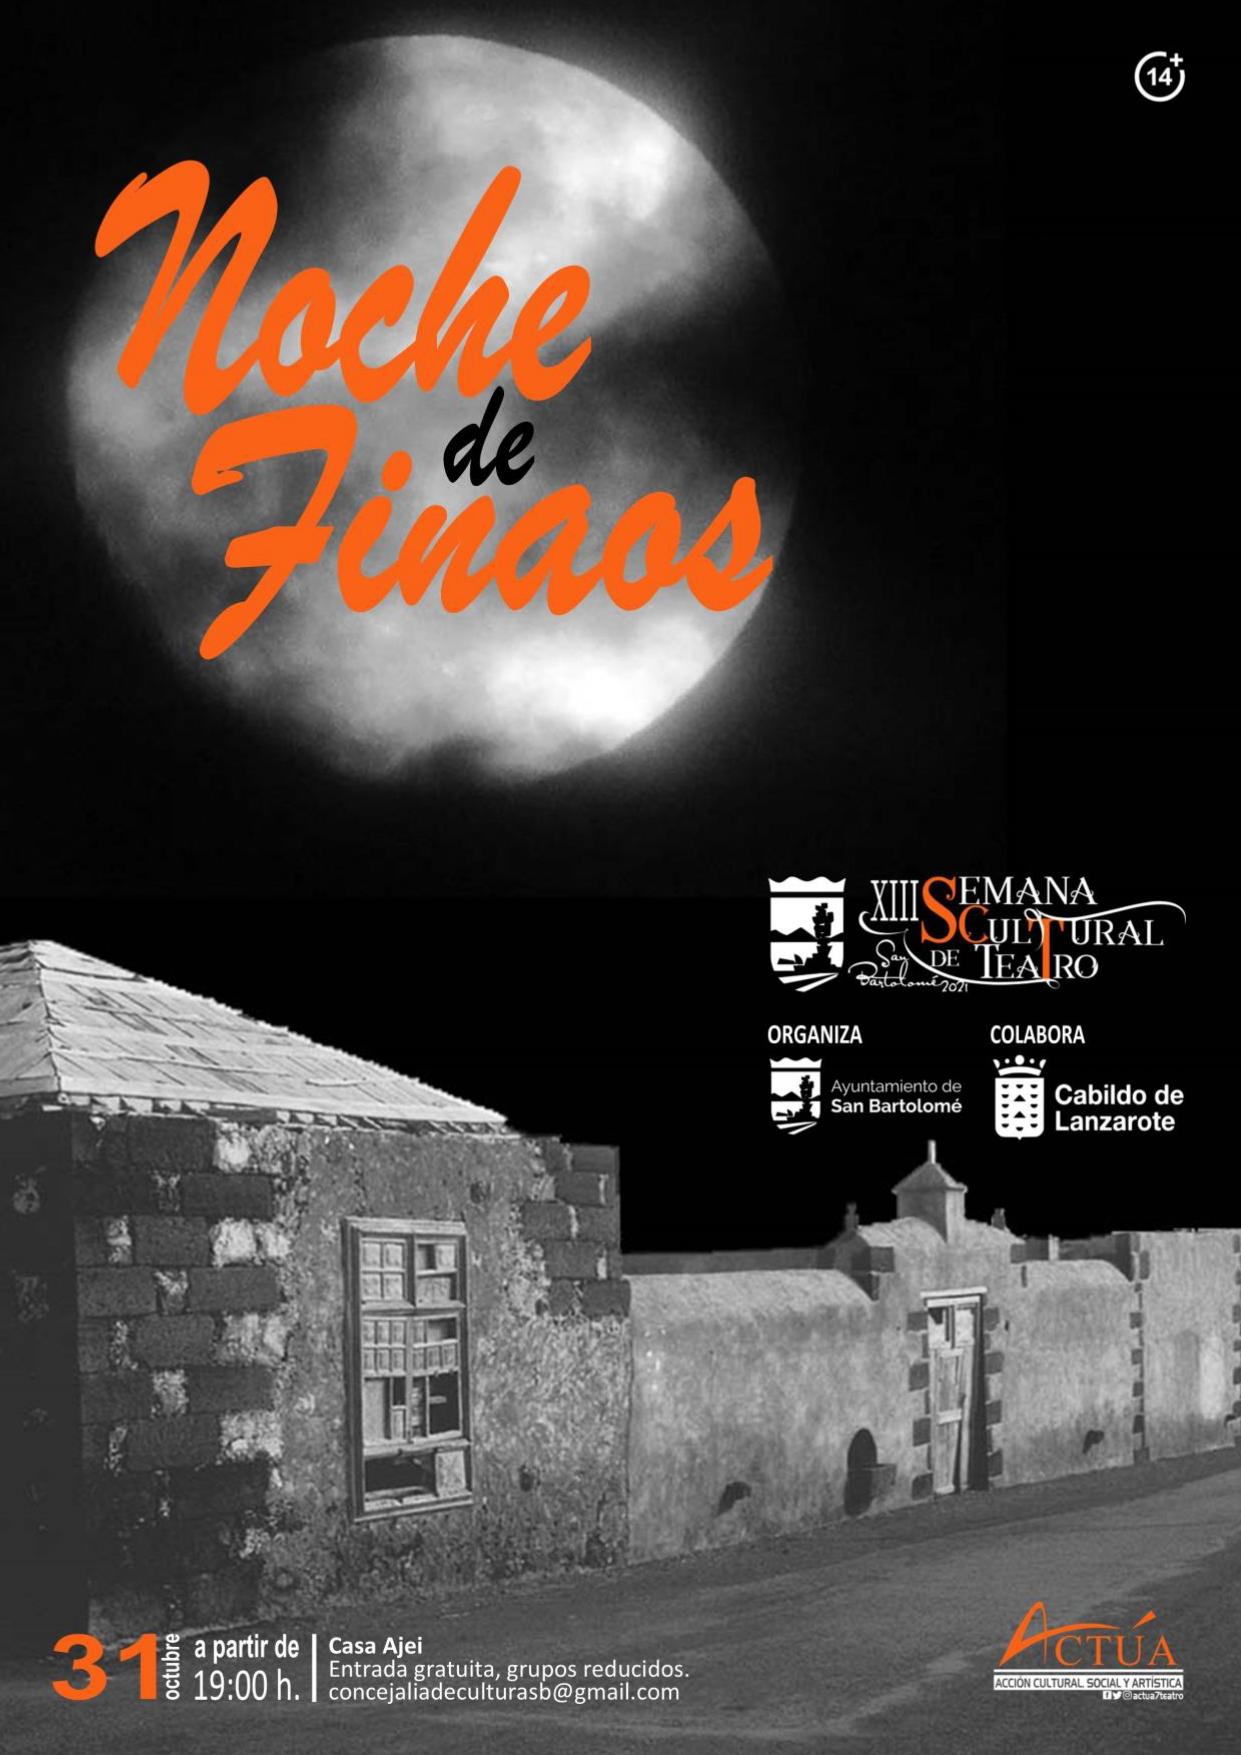 La Noche de Finaos en San Bartolomé contará con escenificaciones teatrales en la Casa Ajei